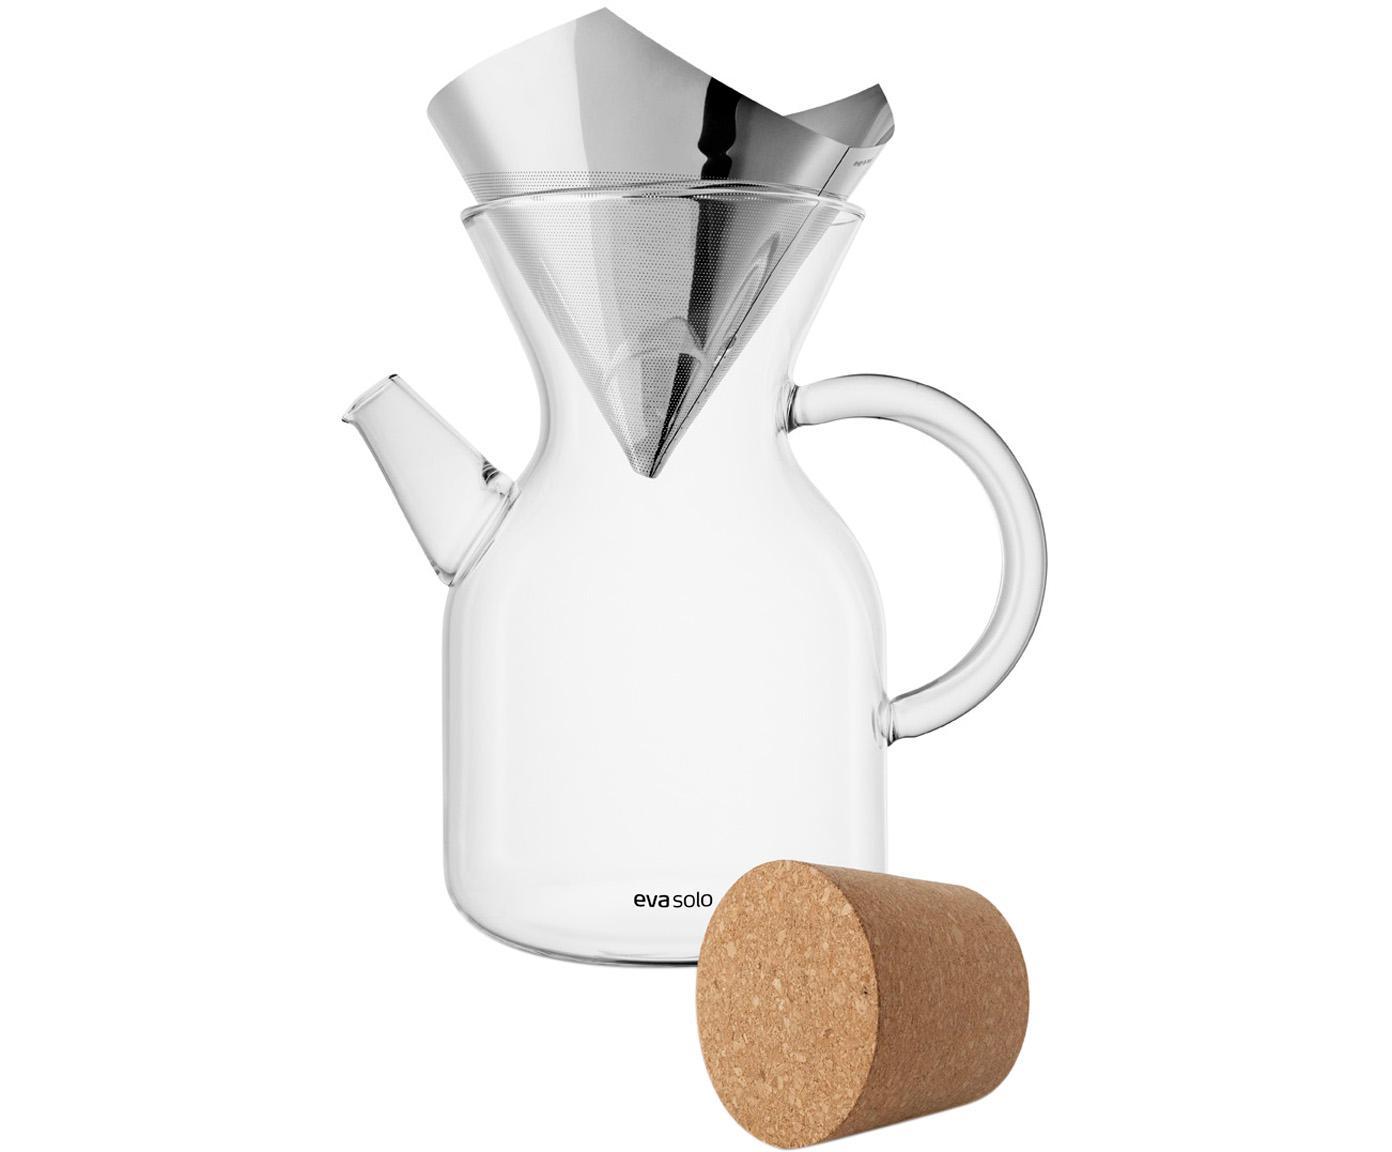 Set caffettiera Vetro, 3 pz., Coperchio: sughero, Trasparente, accaio inossidabile, 1 l